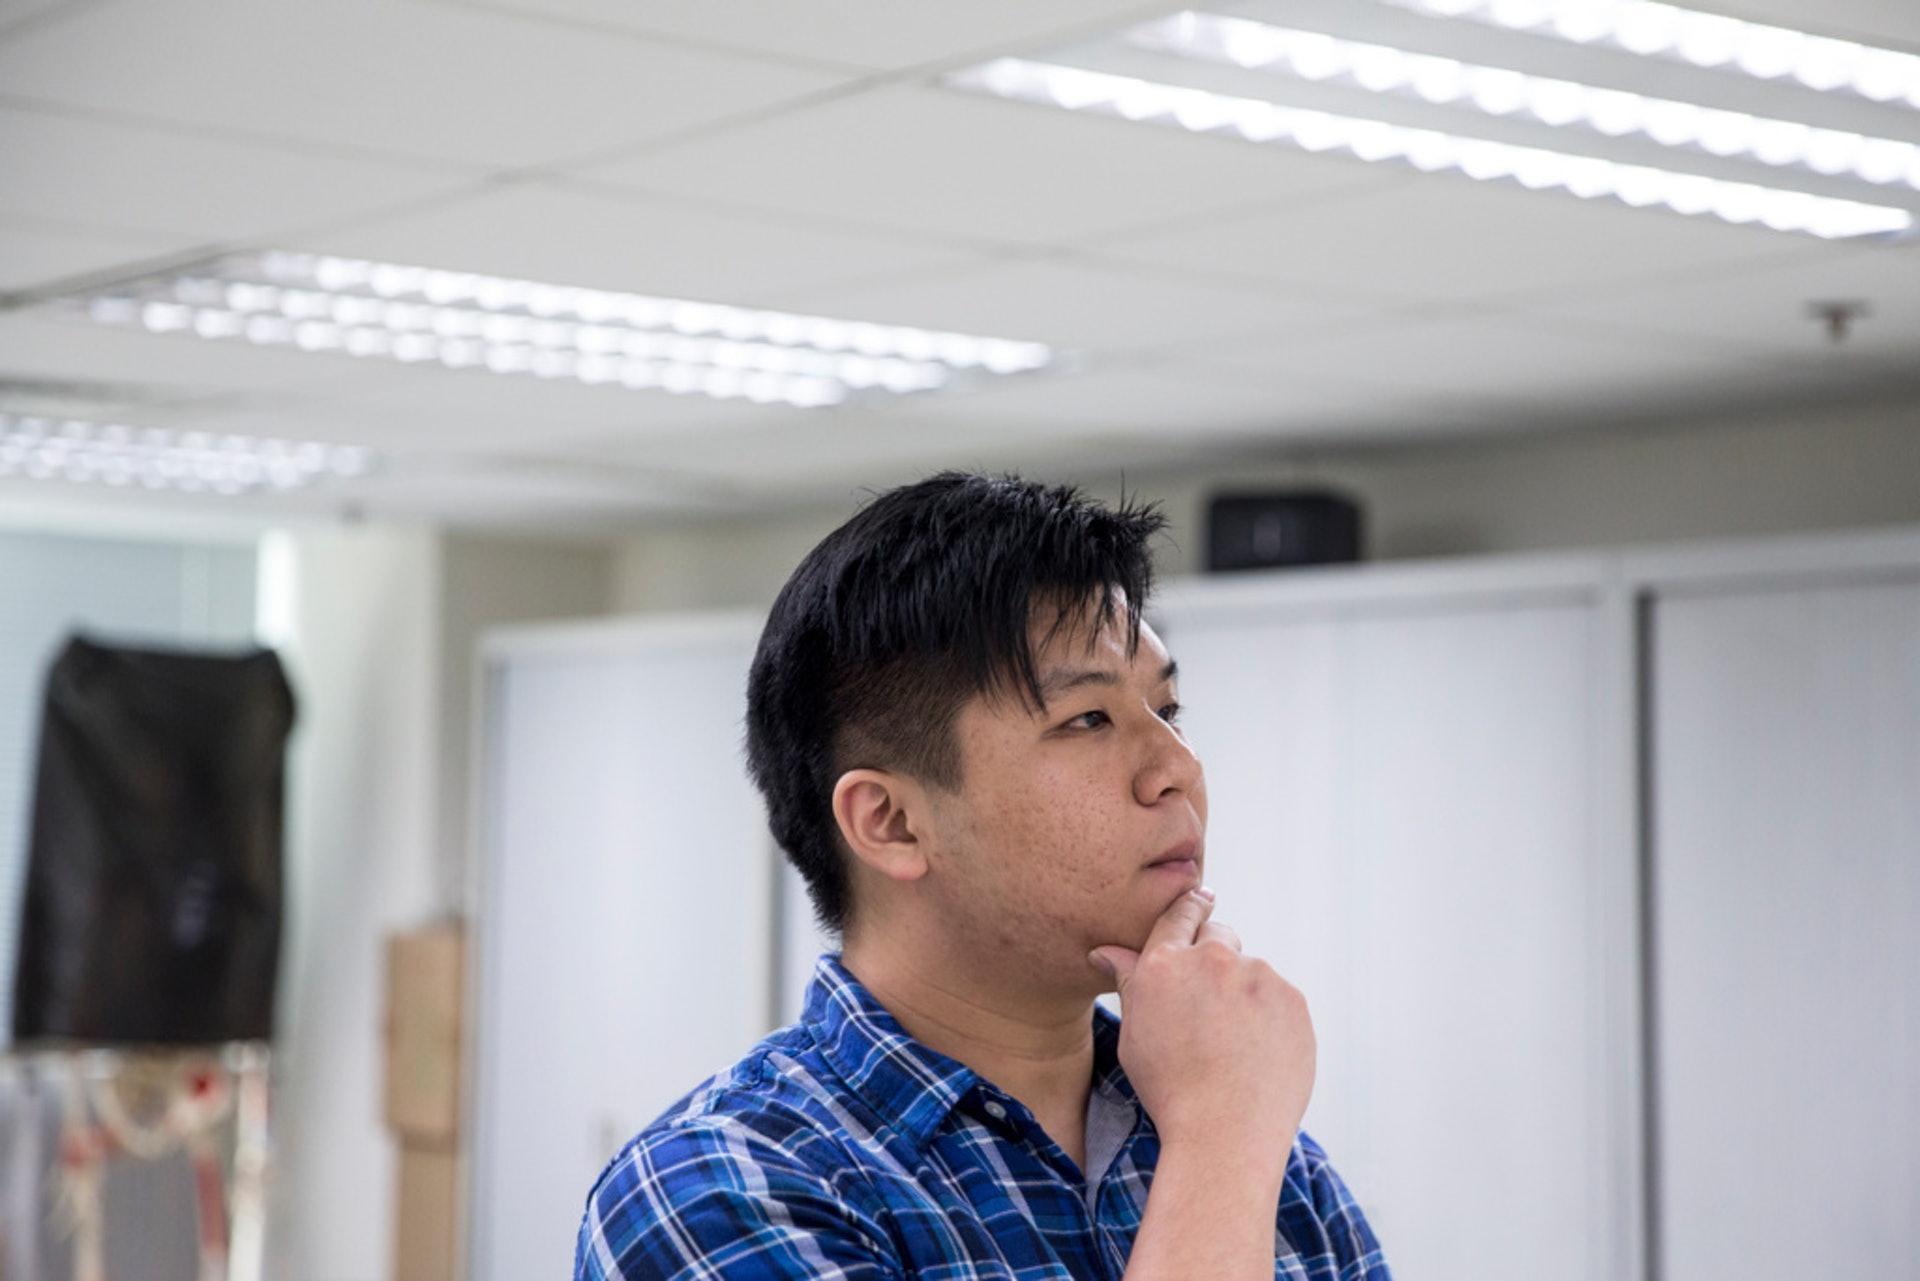 盧藝賢表示願意承擔梁耀忠facebook小編的責任,但到底由誰來做下一個梁耀忠,就令他頭痛。(羅君豪攝)